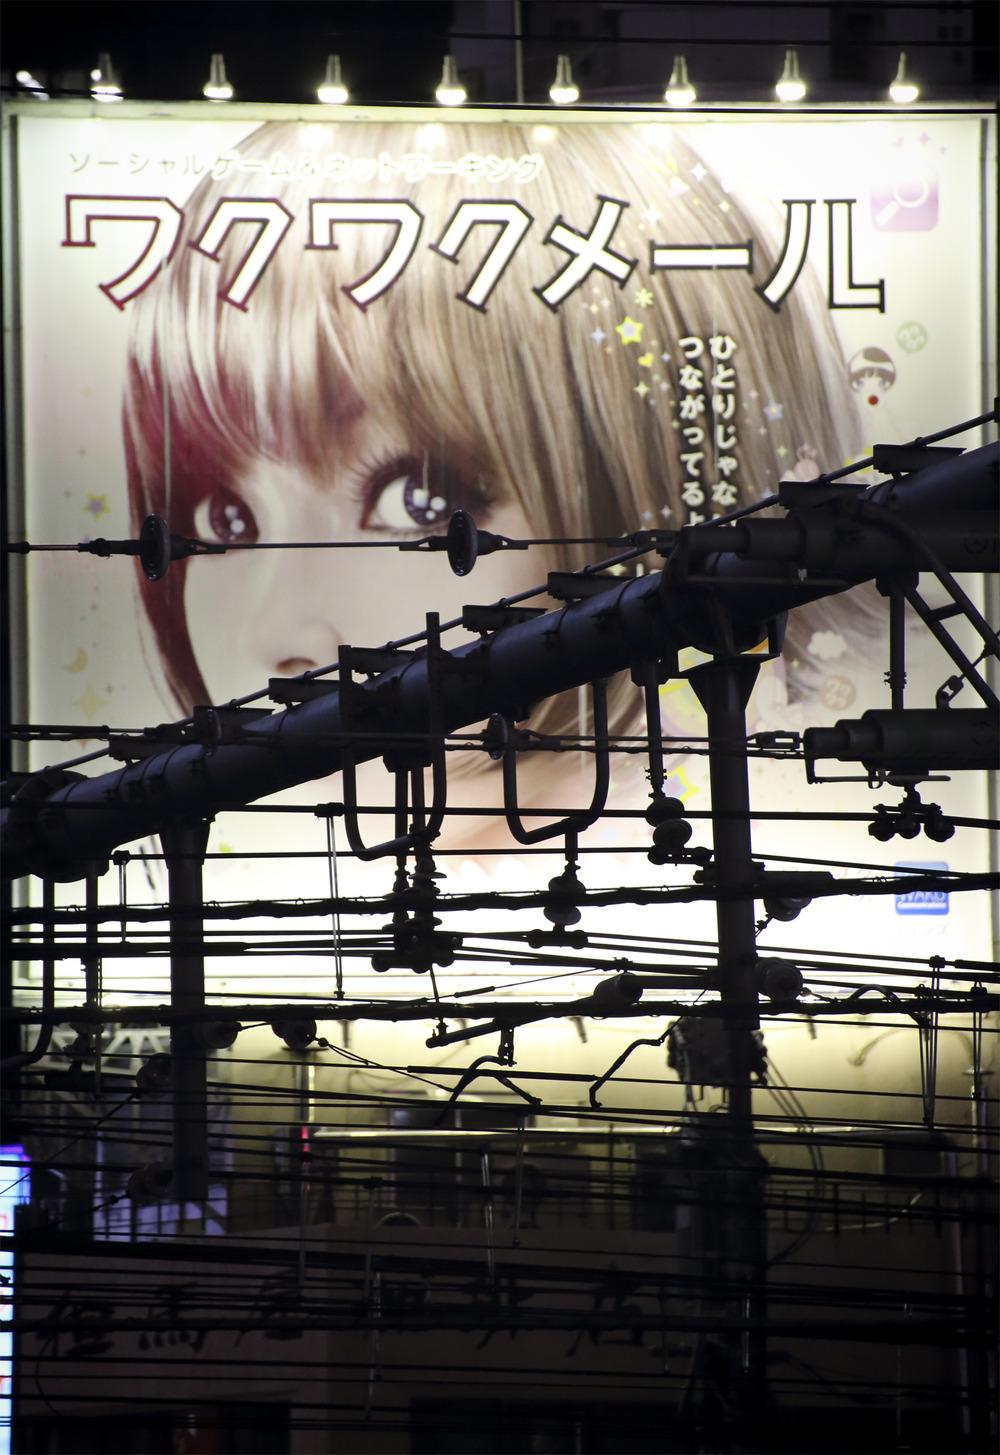 Shinjuku Girl night 1.jpg